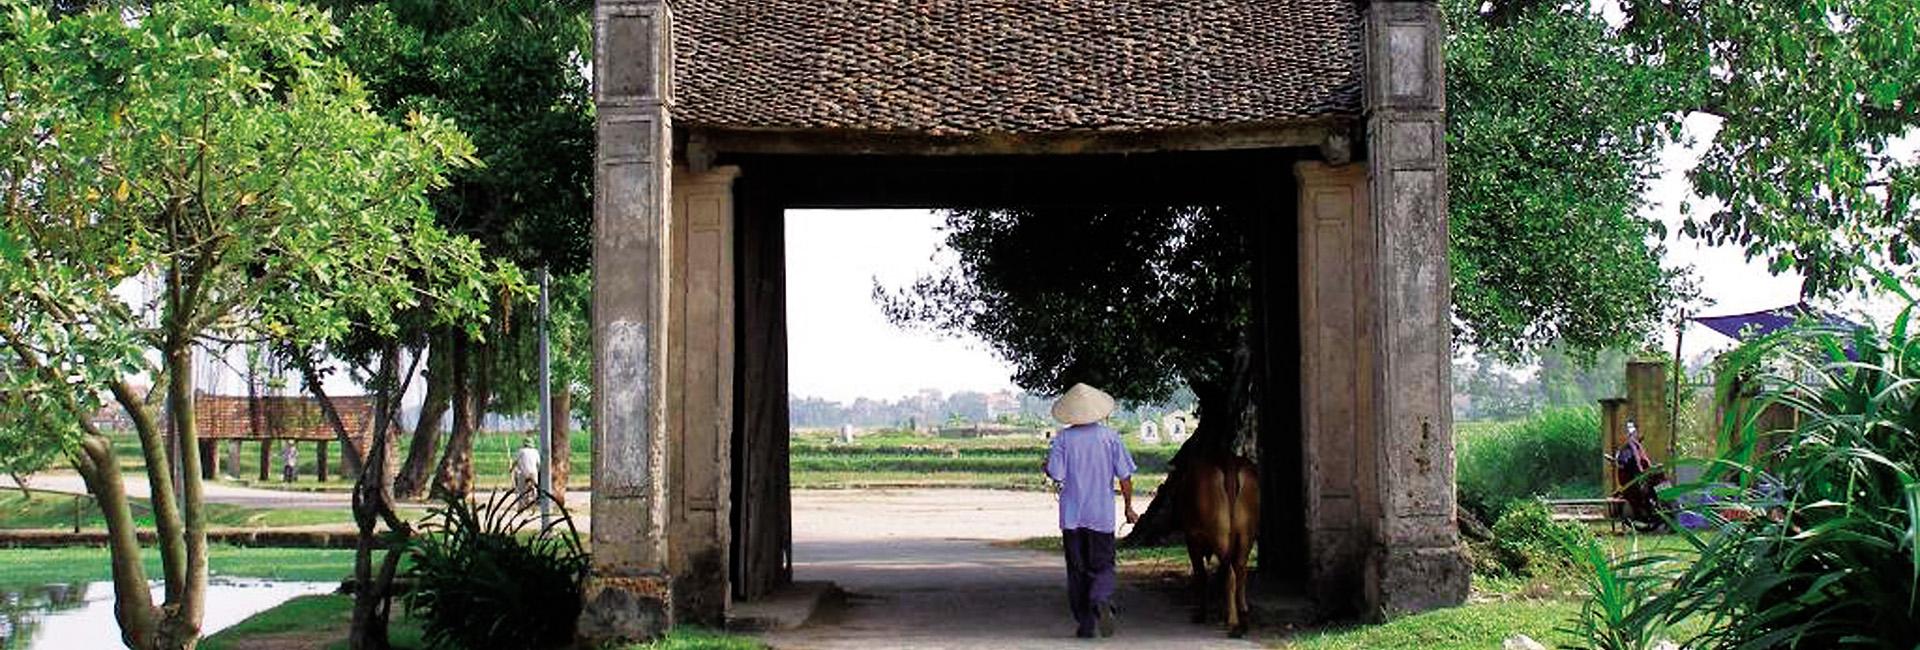 Ba Vi National Park – Duong Lam Ancient Village Day Tour